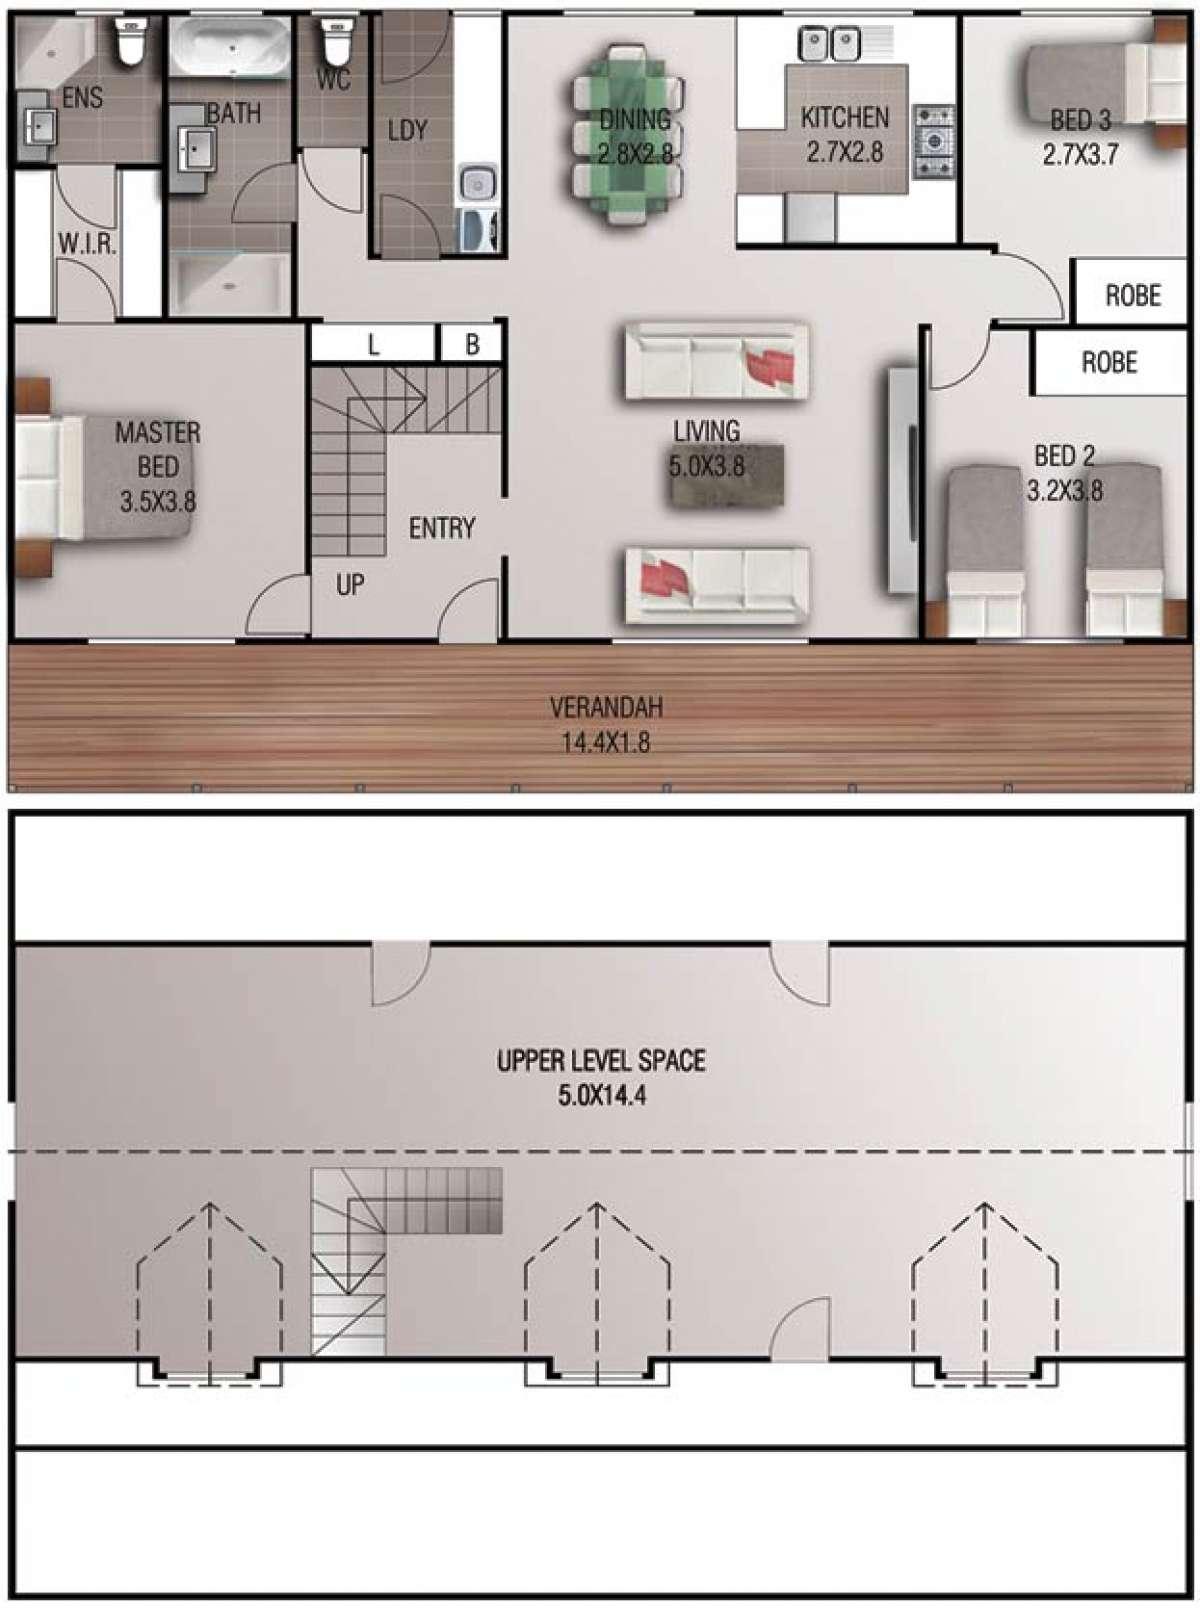 Stronach Floorplan